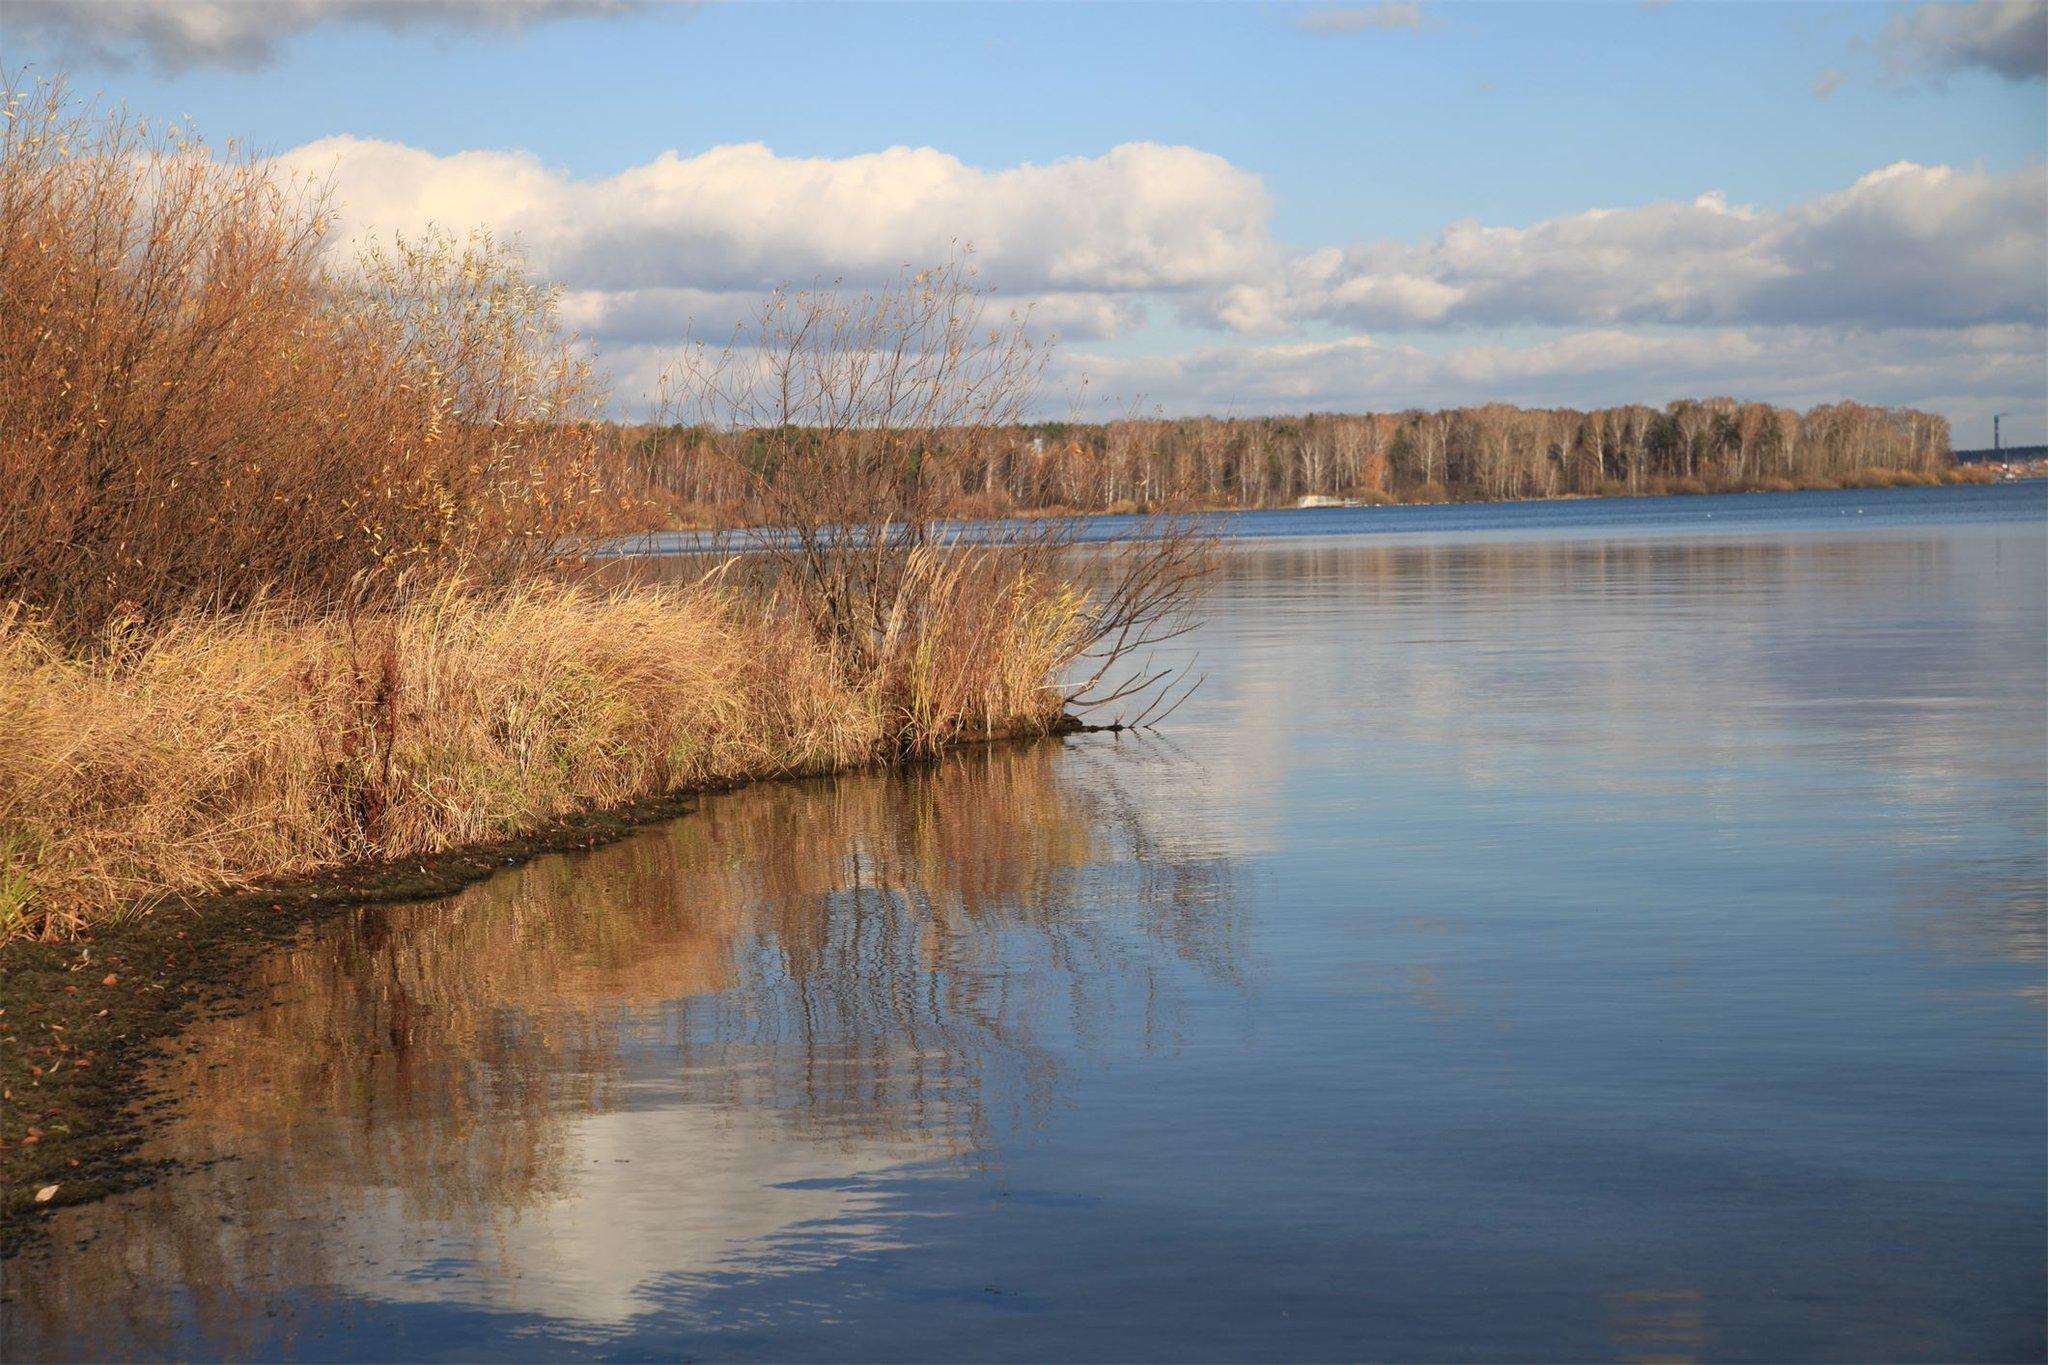 картинки озера екатеринбурга ничего приукрасил ничего